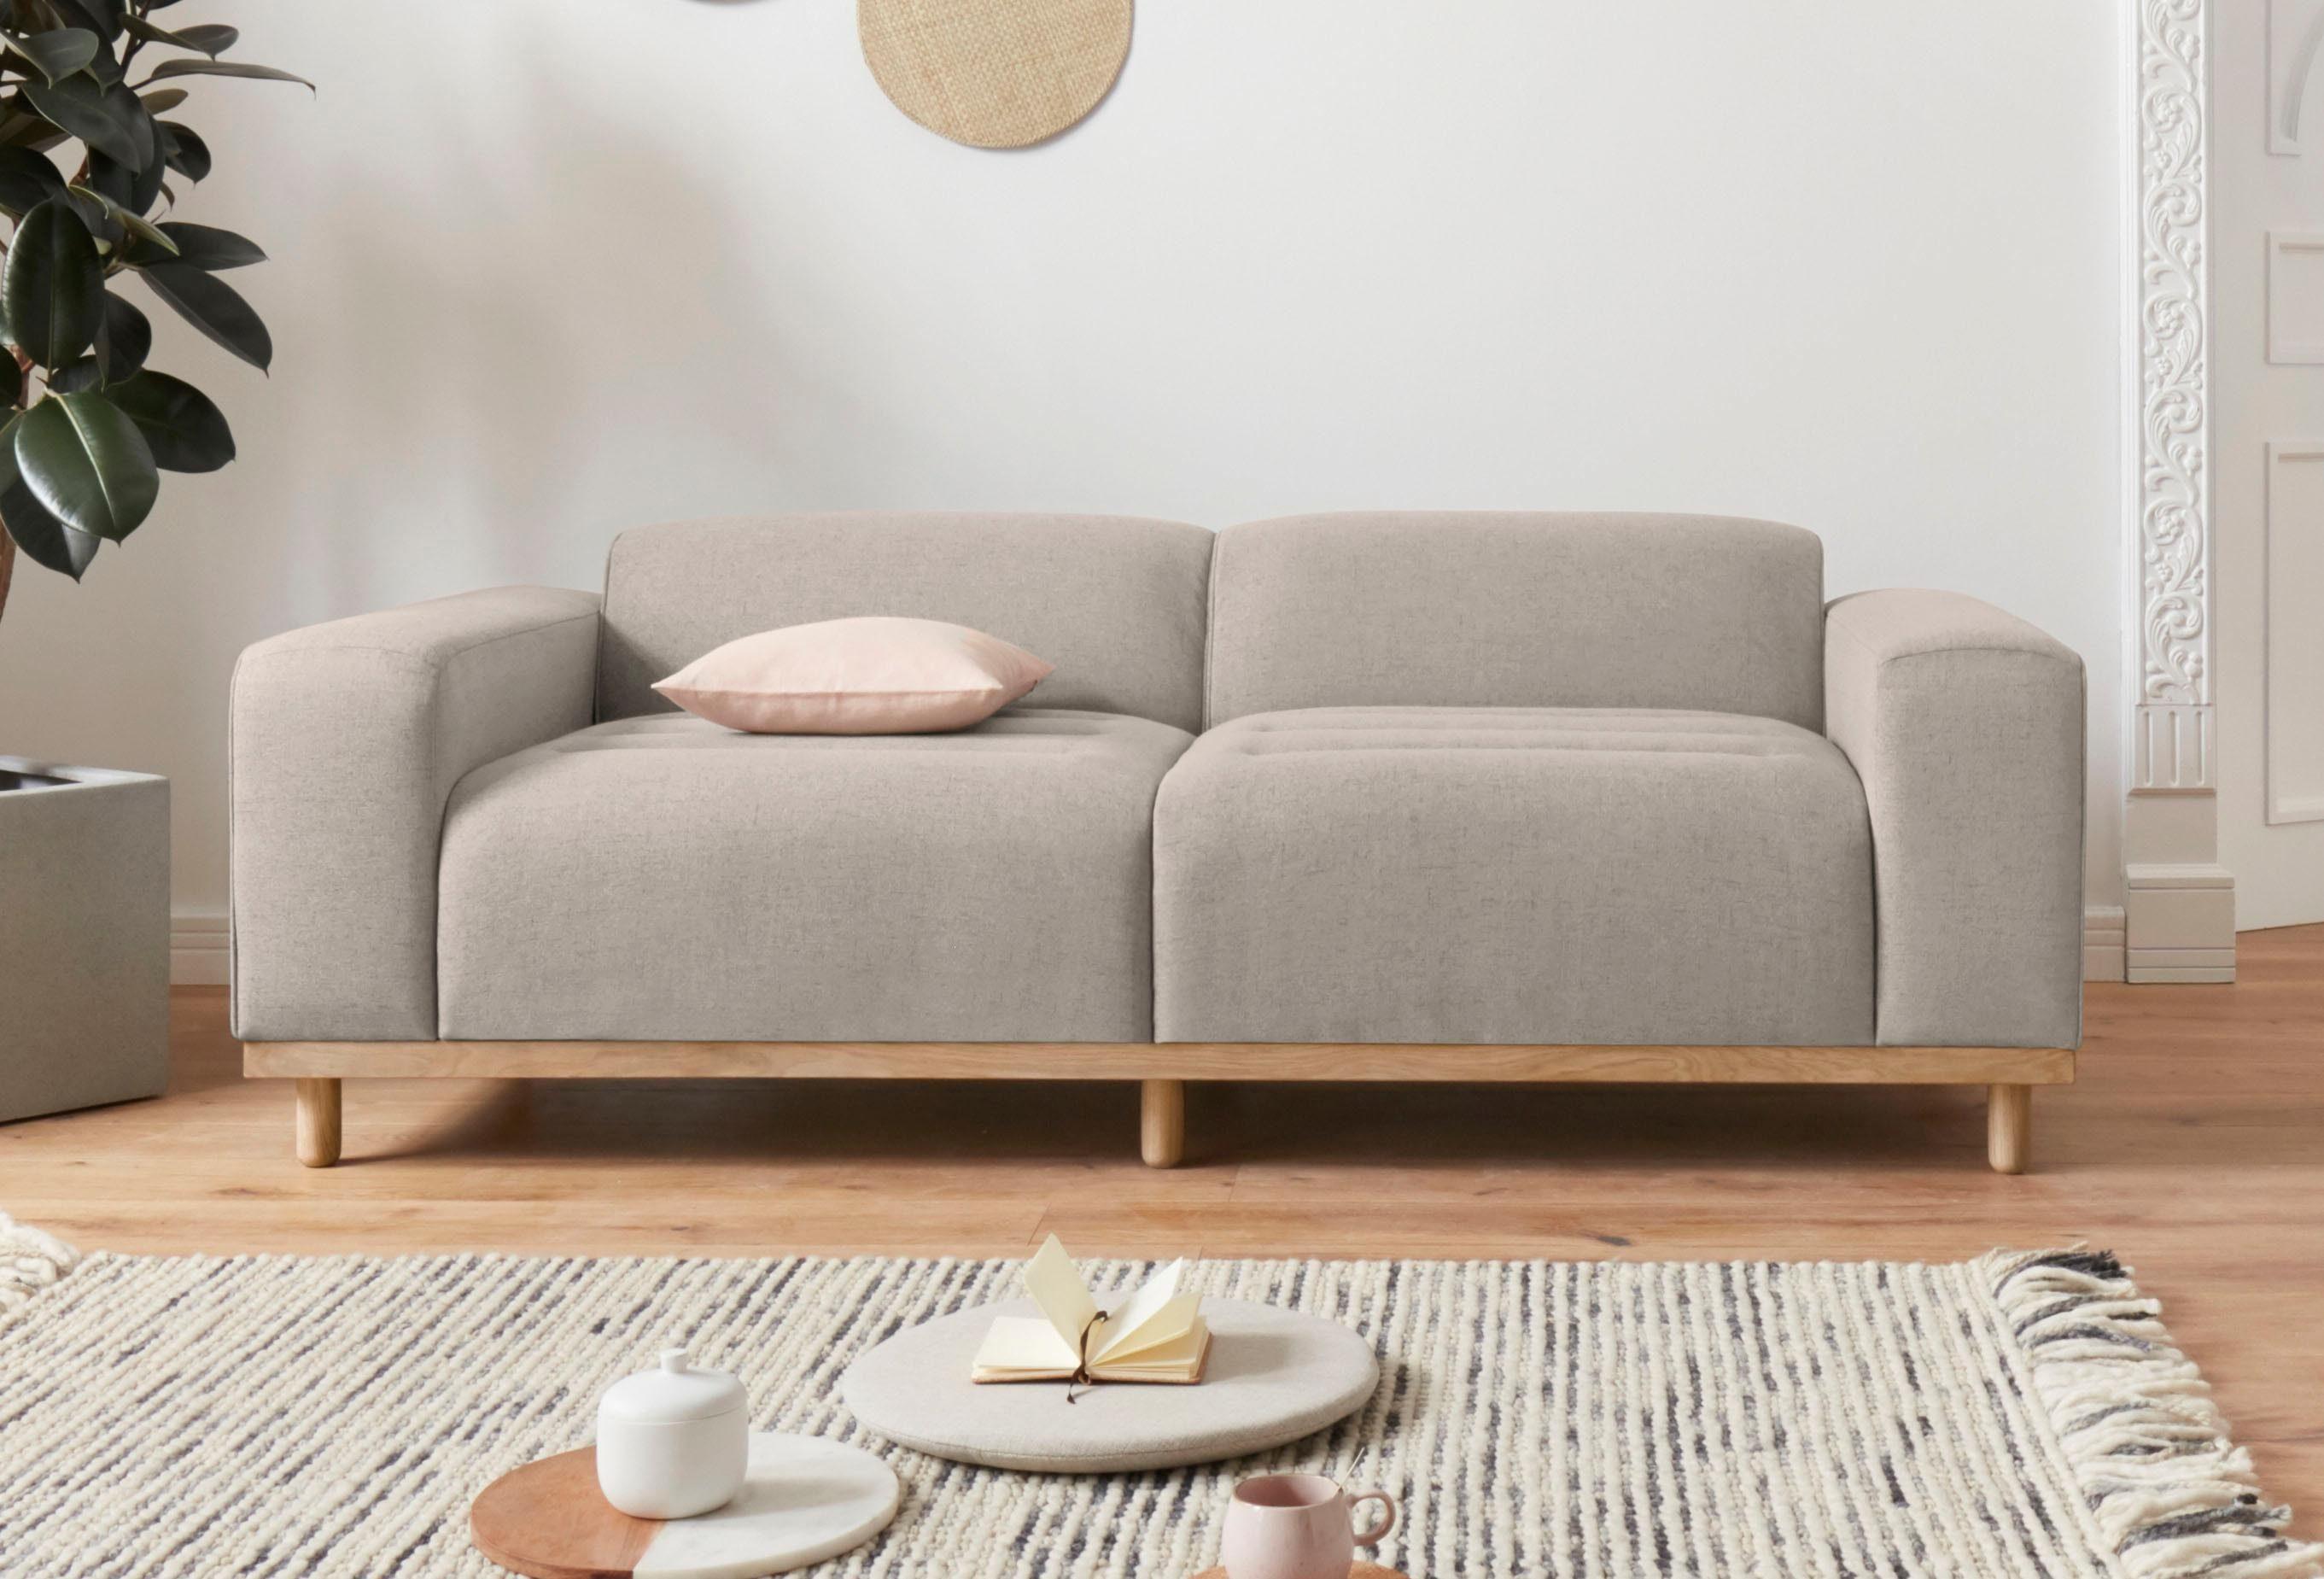 andas 2-Sitzer »Rump« in außergewöhnlichem Design mit 2 Zierkissen, Design by Morten Georgsen